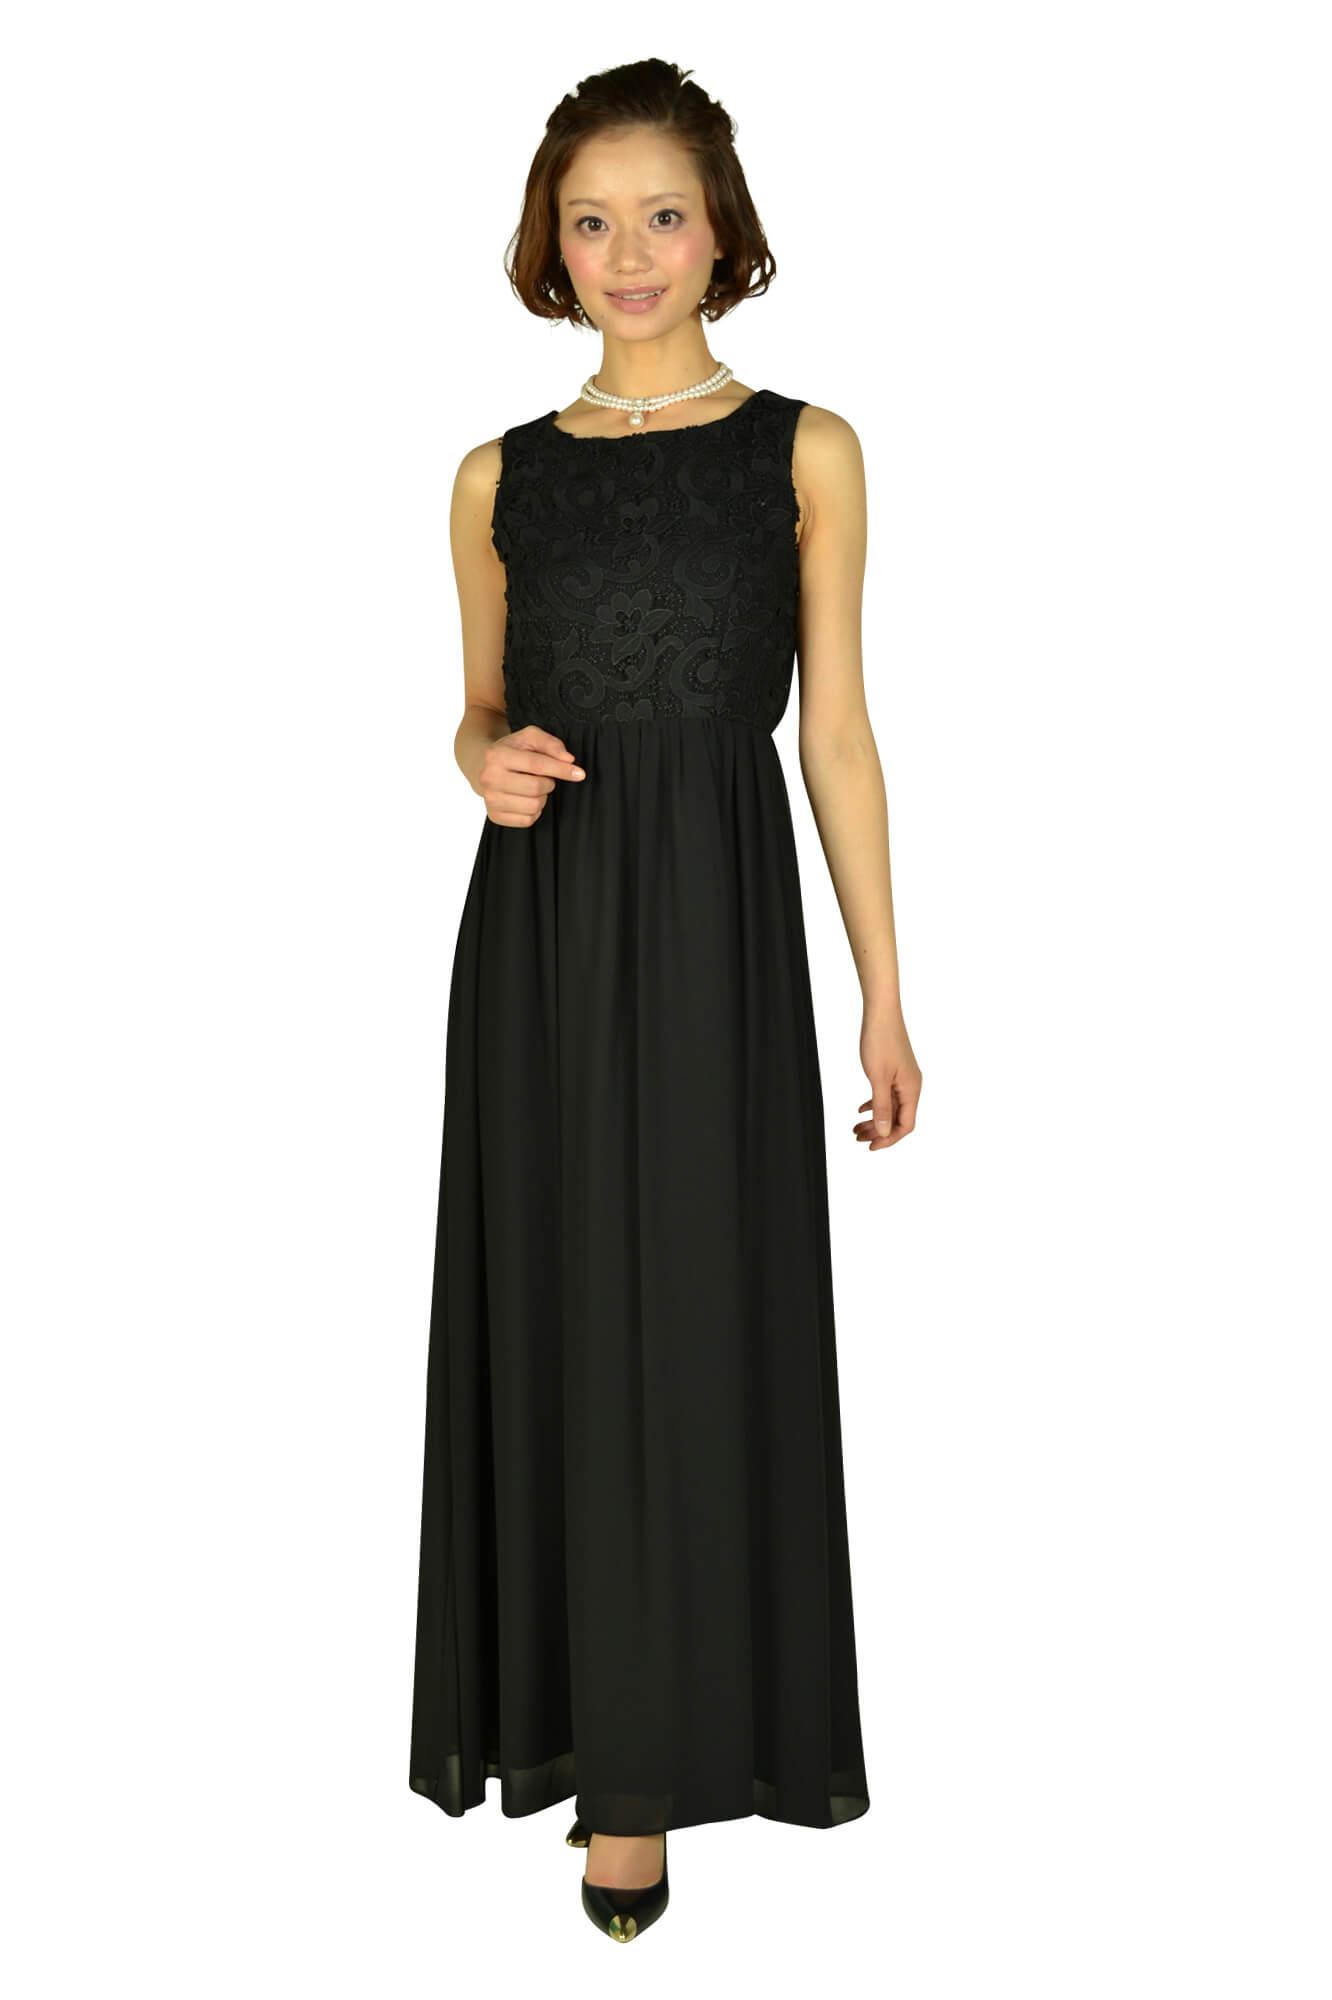 デリセノアール (DELLISE NOIR)ブラックロングドレス